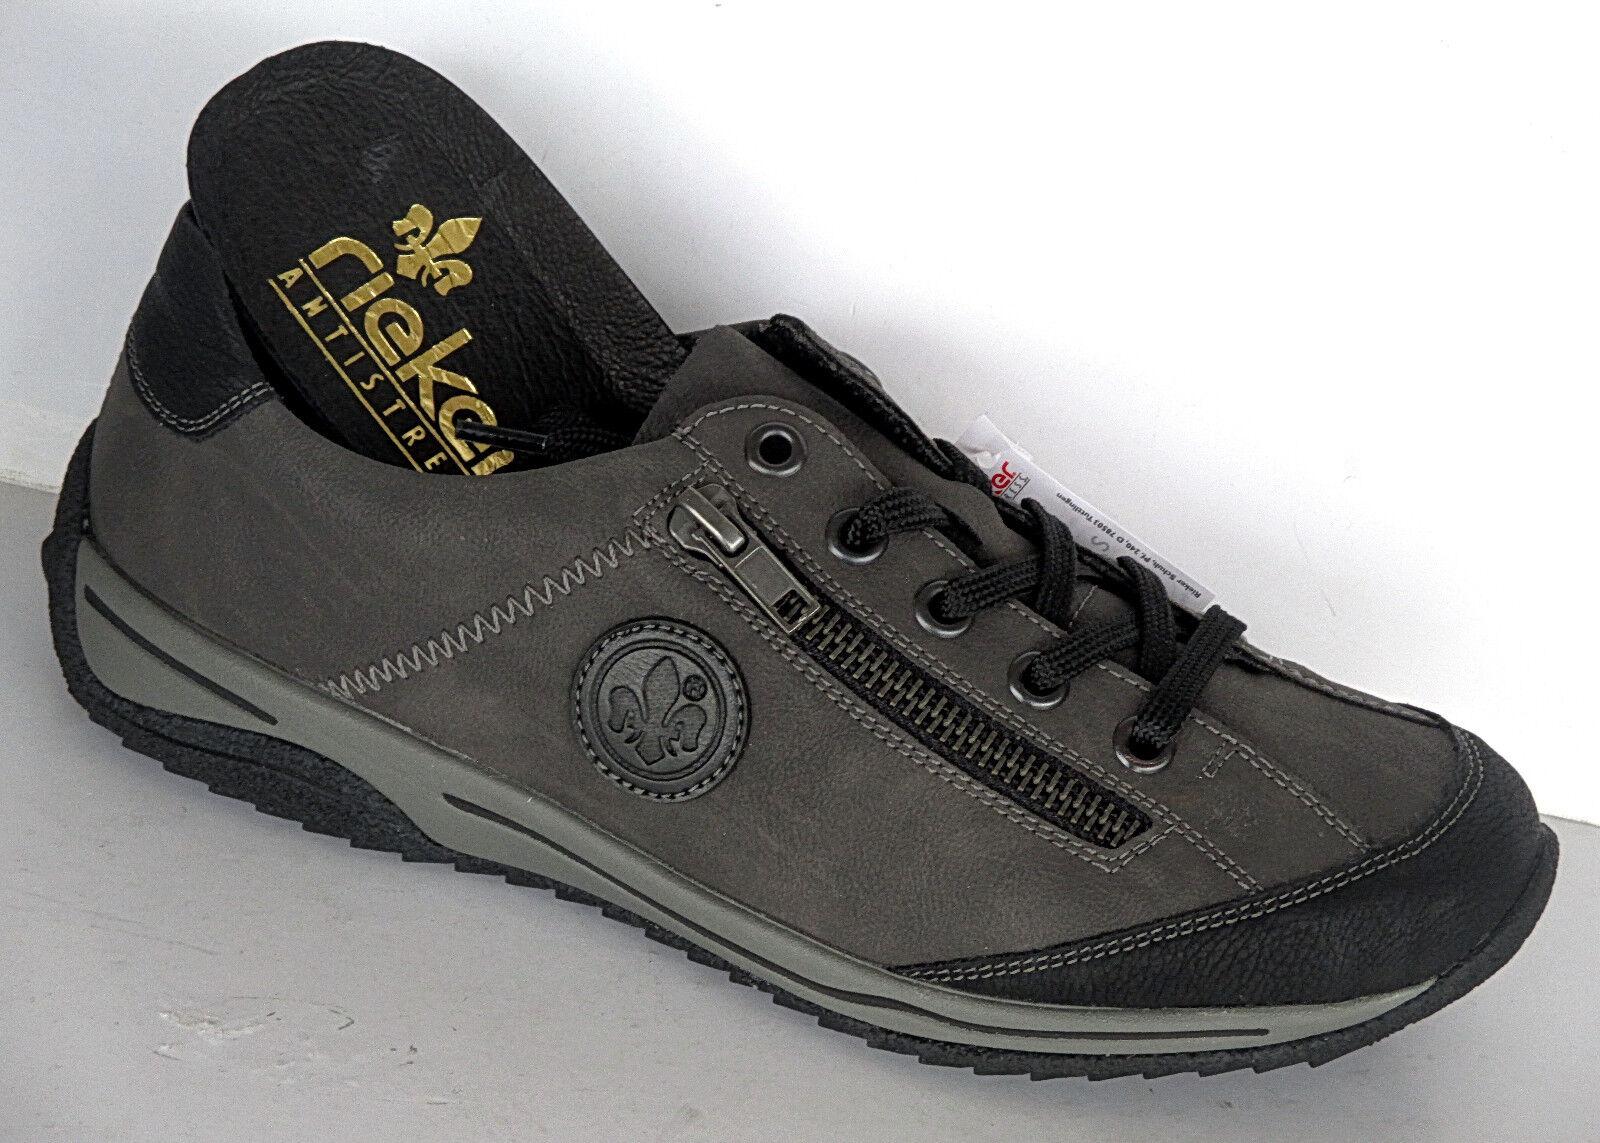 Damen Rieker Komfort Sneakers, herausnehmbares Fußbett, Fußbett, Fußbett, Art. L5224-00 ++NEU++ 1c03ef